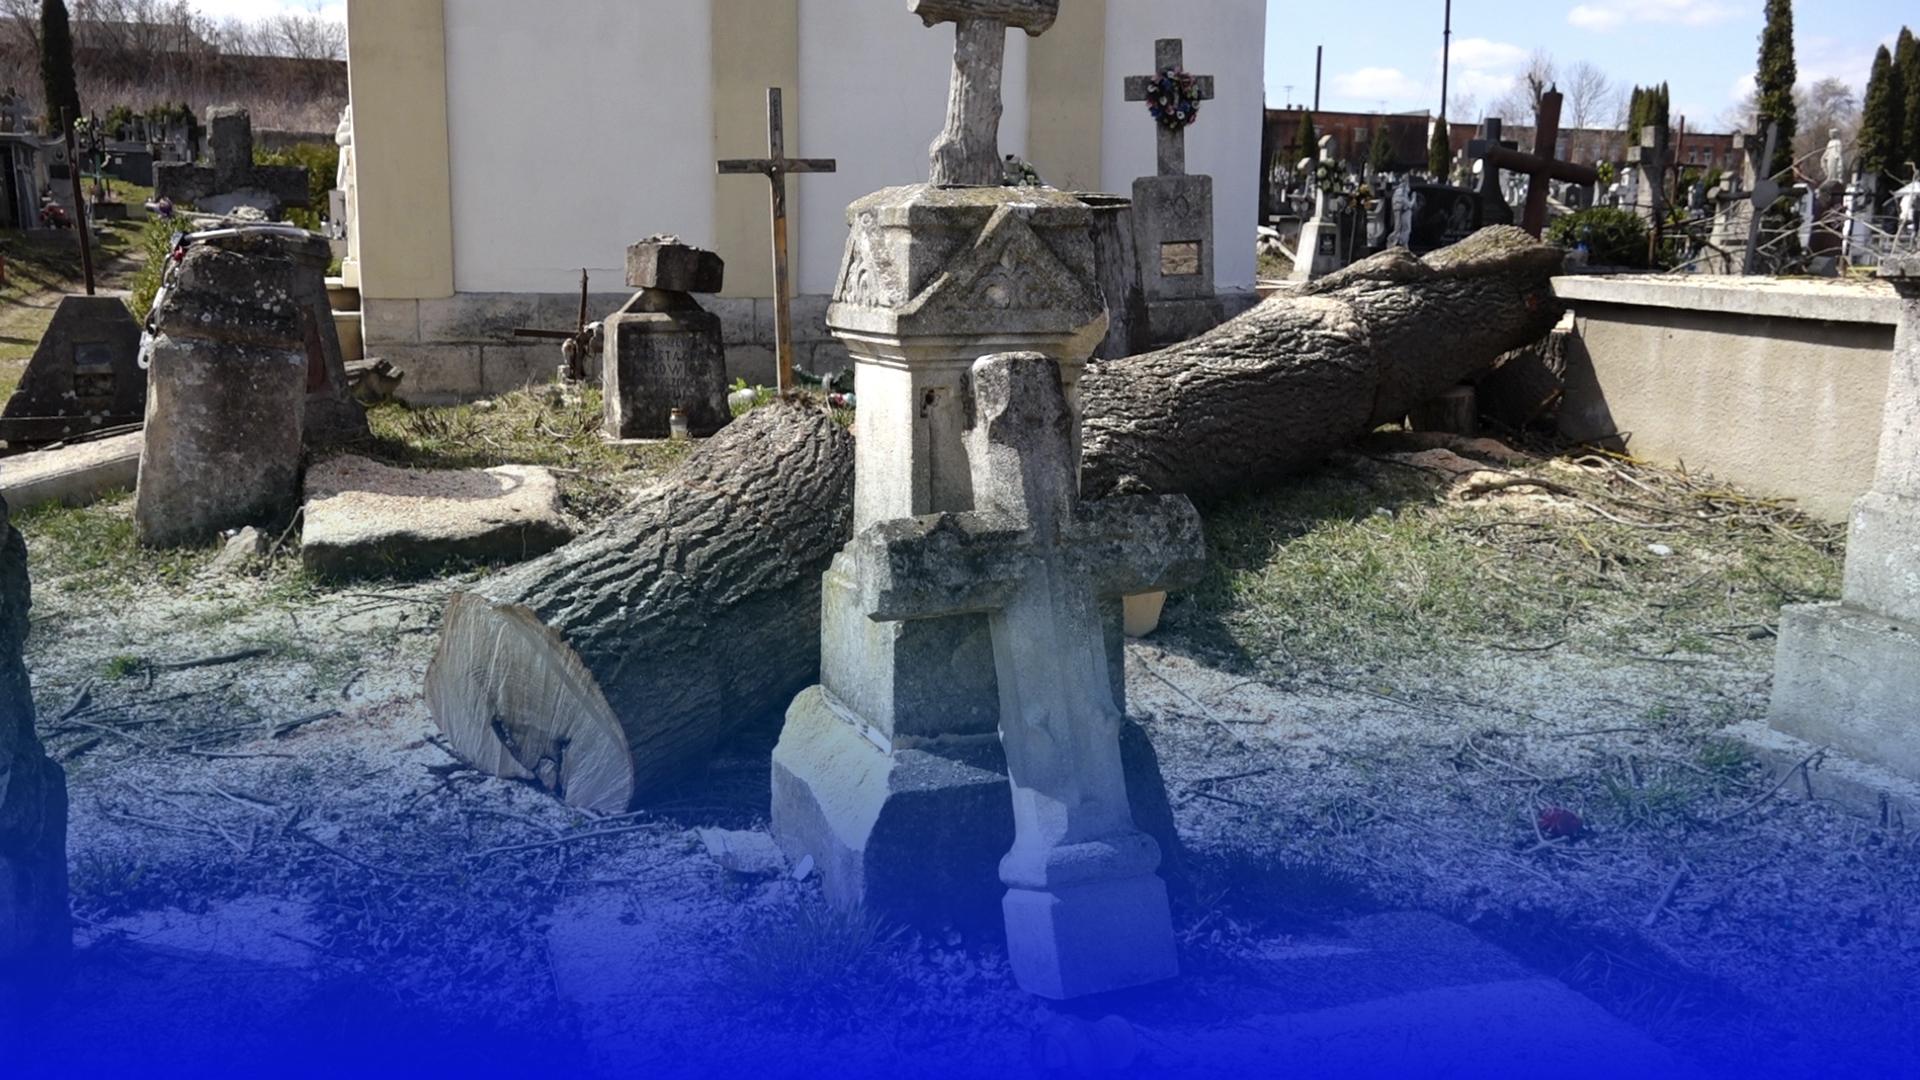 Cкандал на цвинтарі: хто прибиратиме наслідки обрізання дерев на Чортківському кладовищі